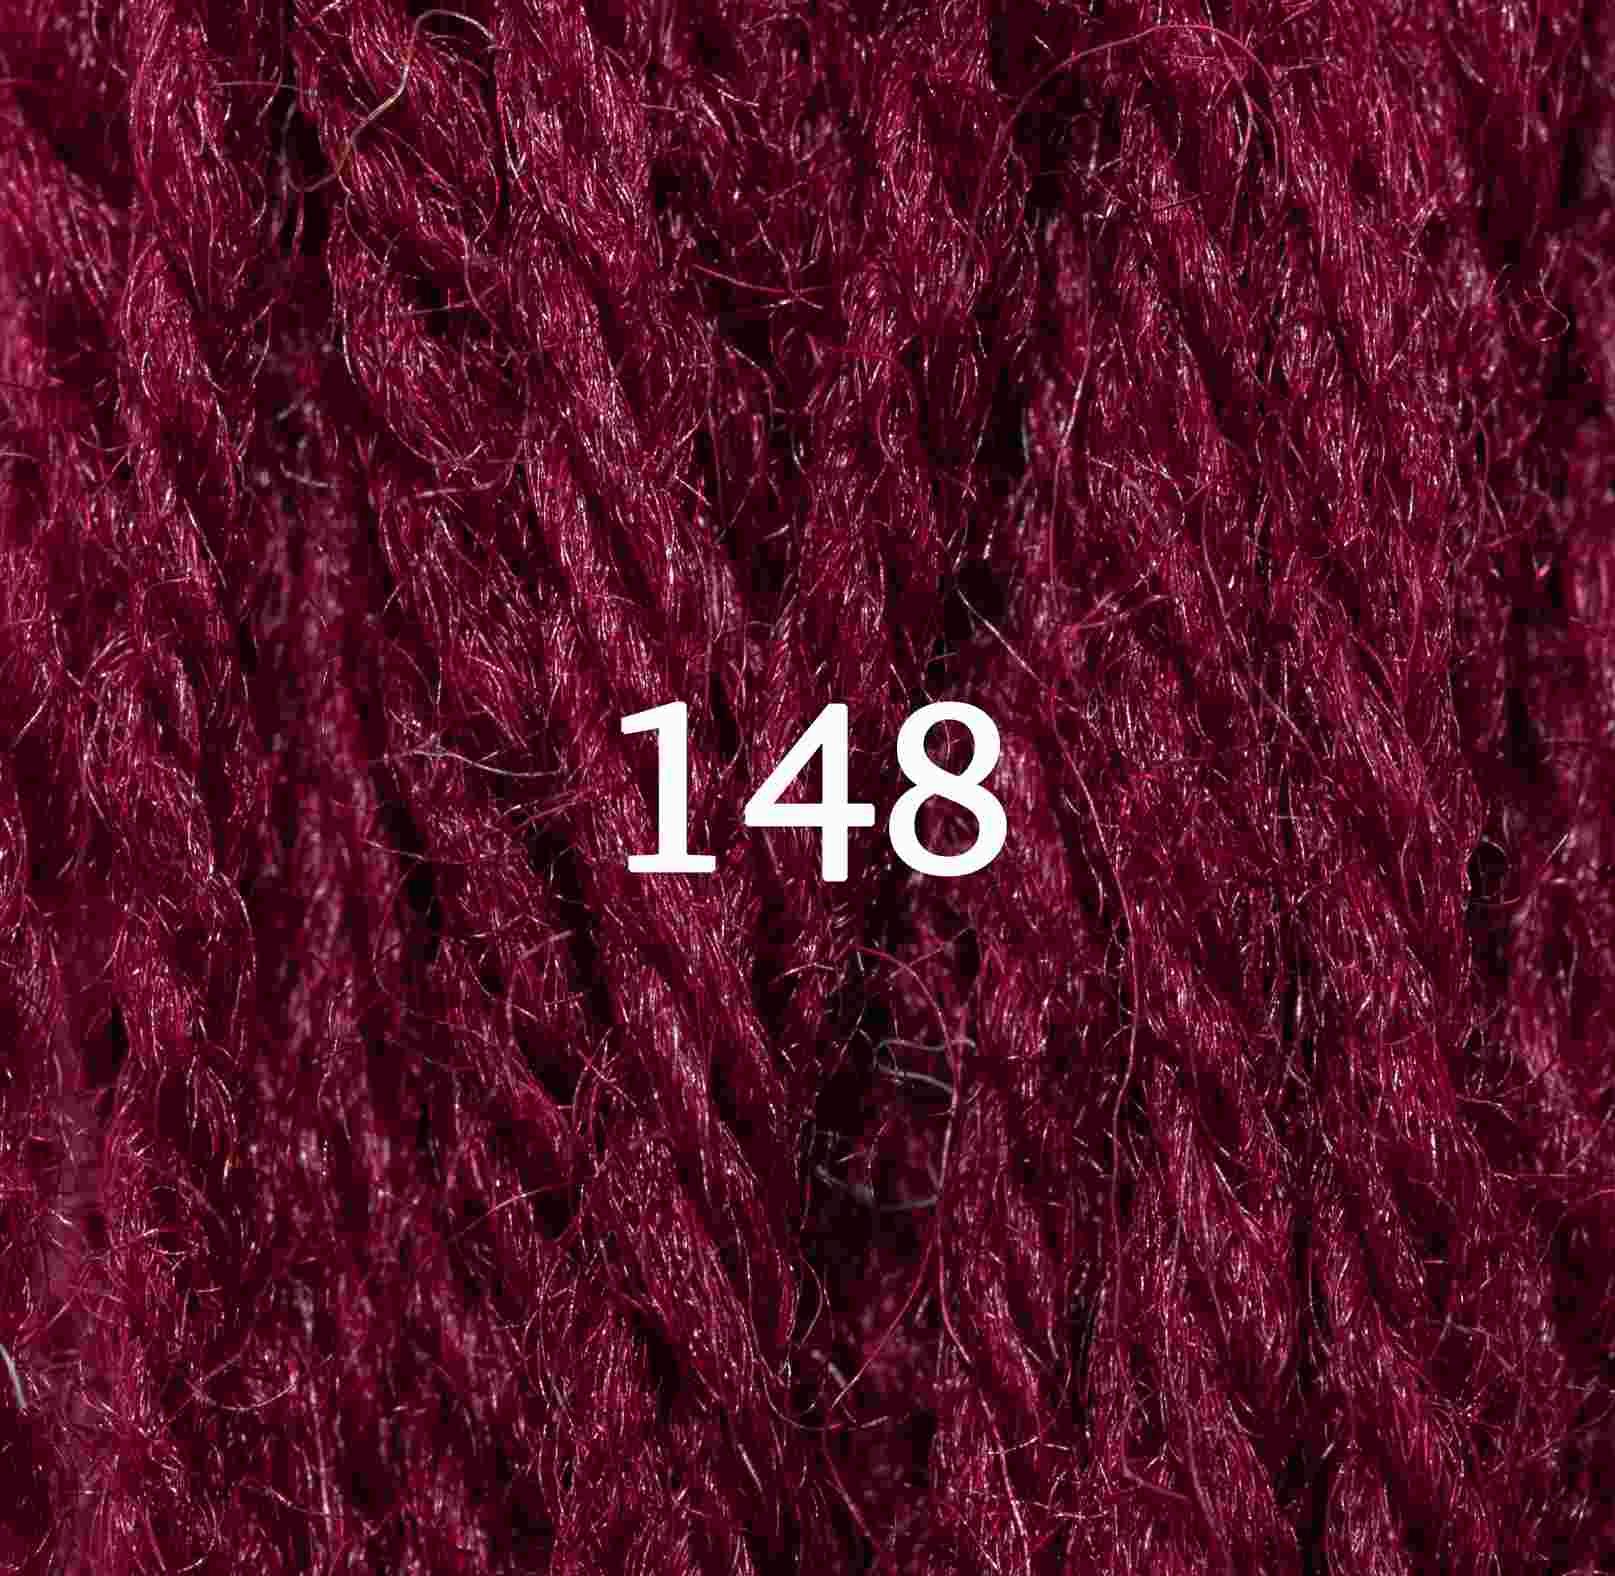 Dull-Rose-Pink-148